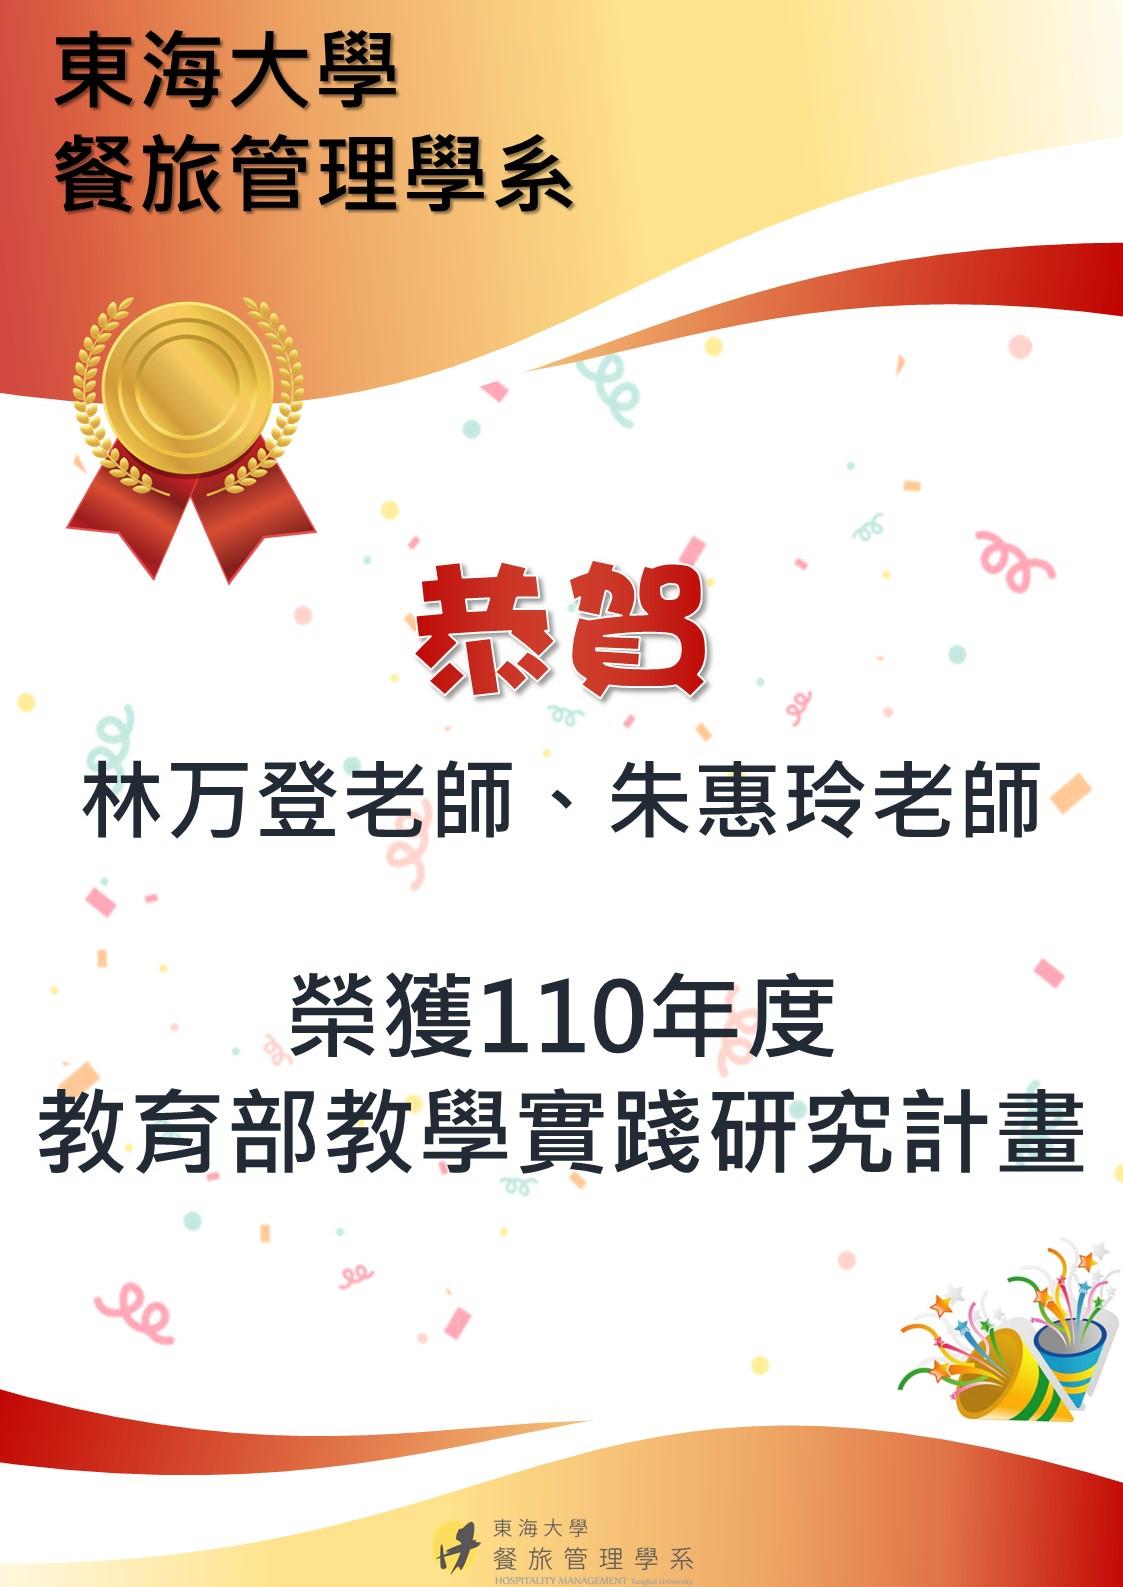 恭賀 本系林万登老師、朱惠玲老師,榮獲110 年度教育部教學實踐研究計畫補助